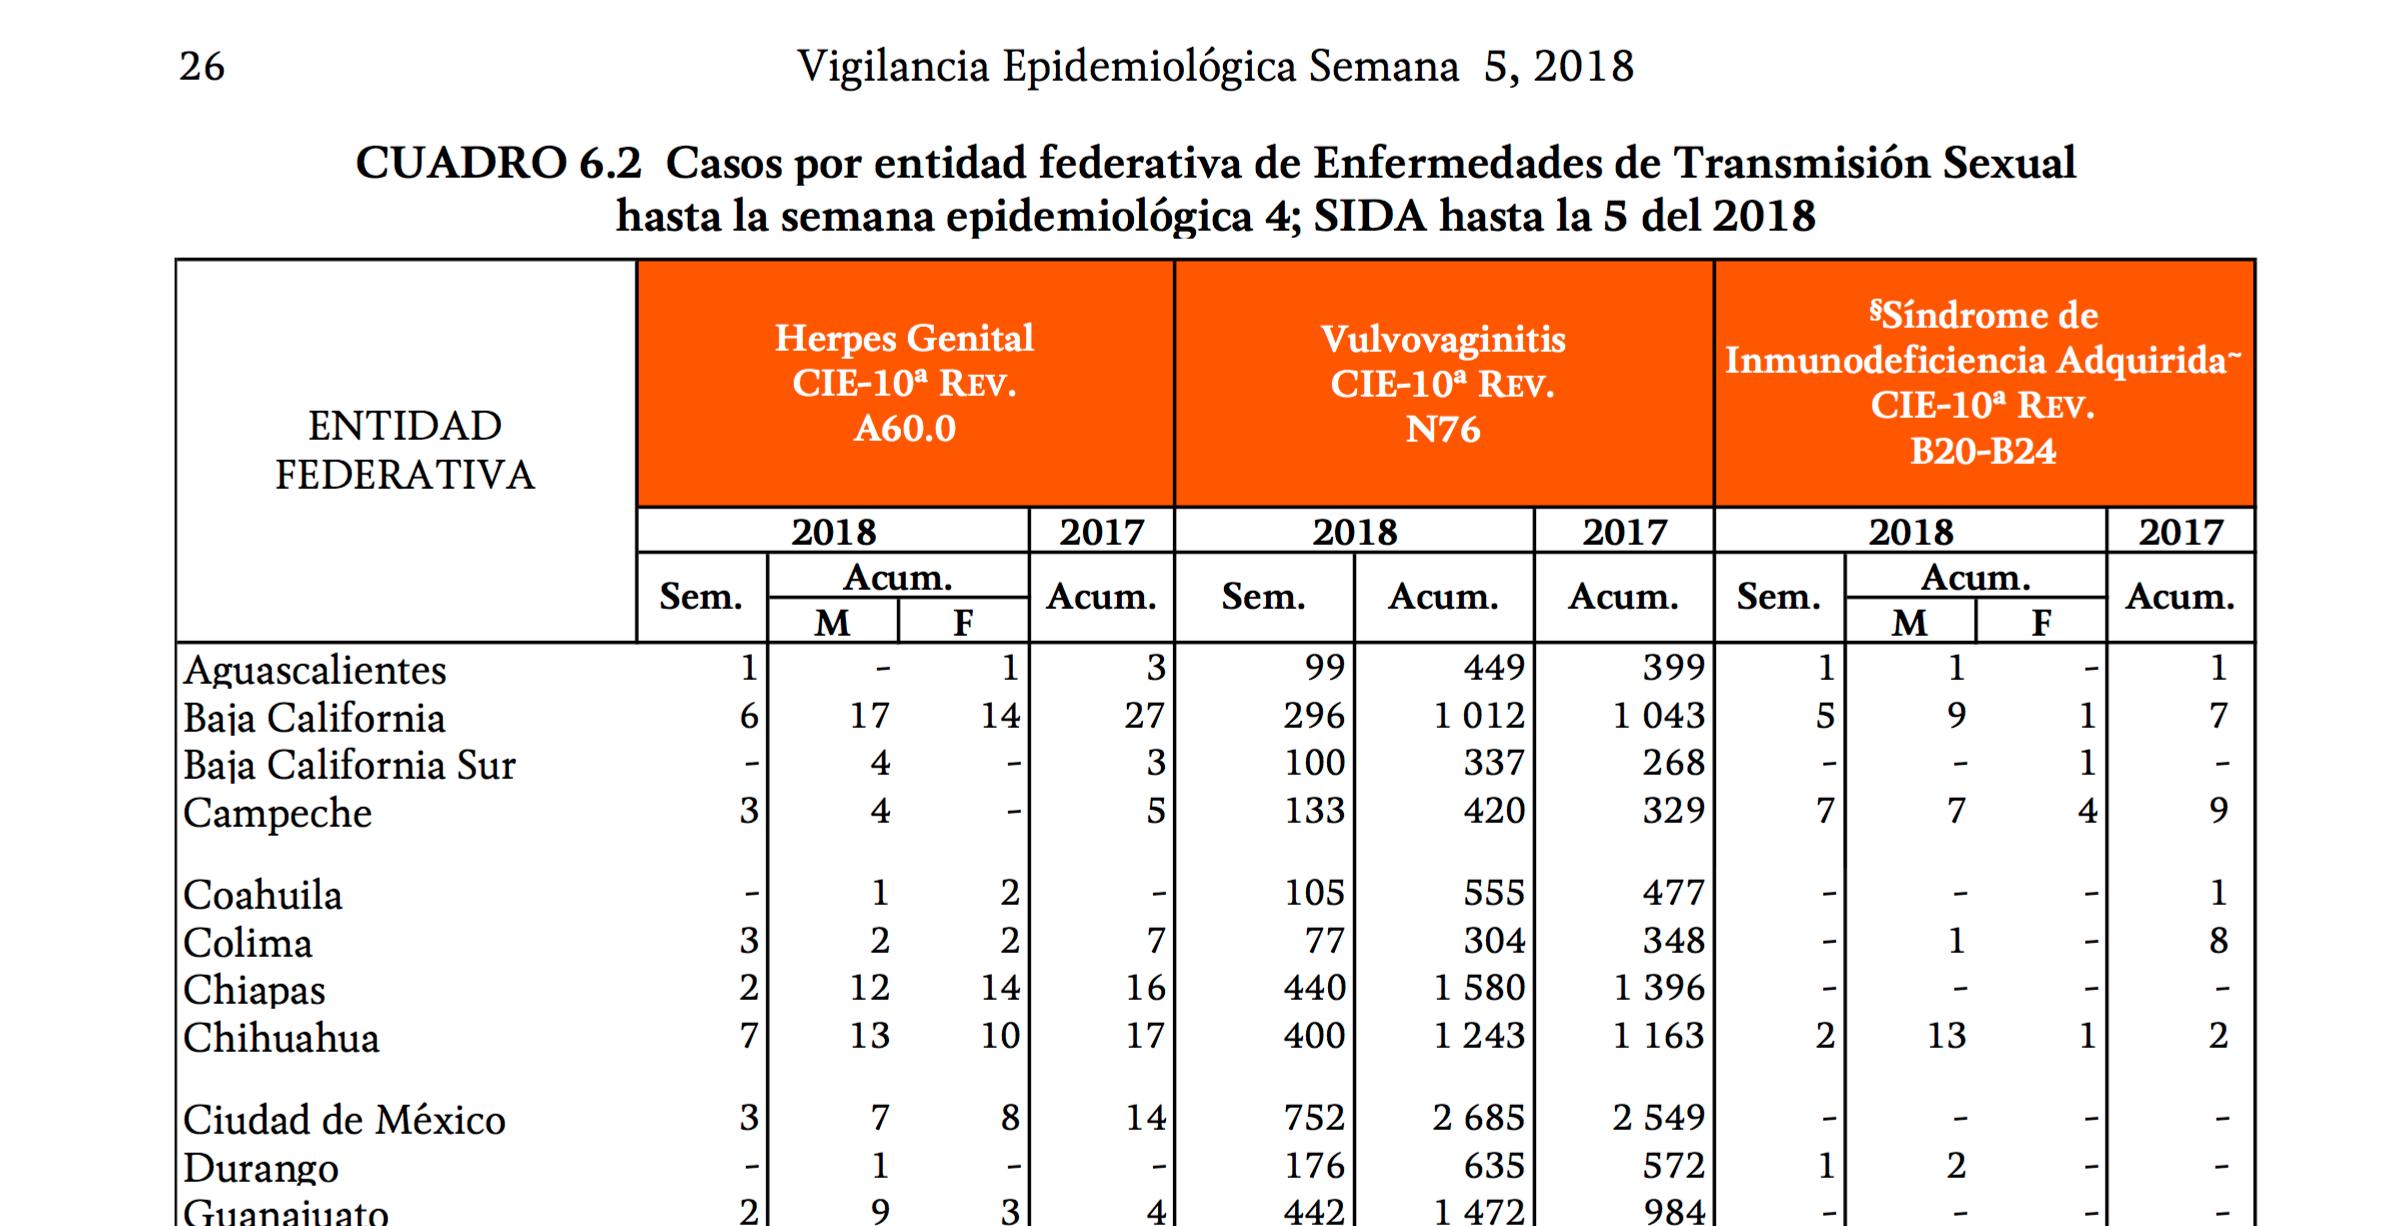 Aumentan casos de vih y sida en inicio de 2018 paginabierta - Liquido preseminal vih casos ...